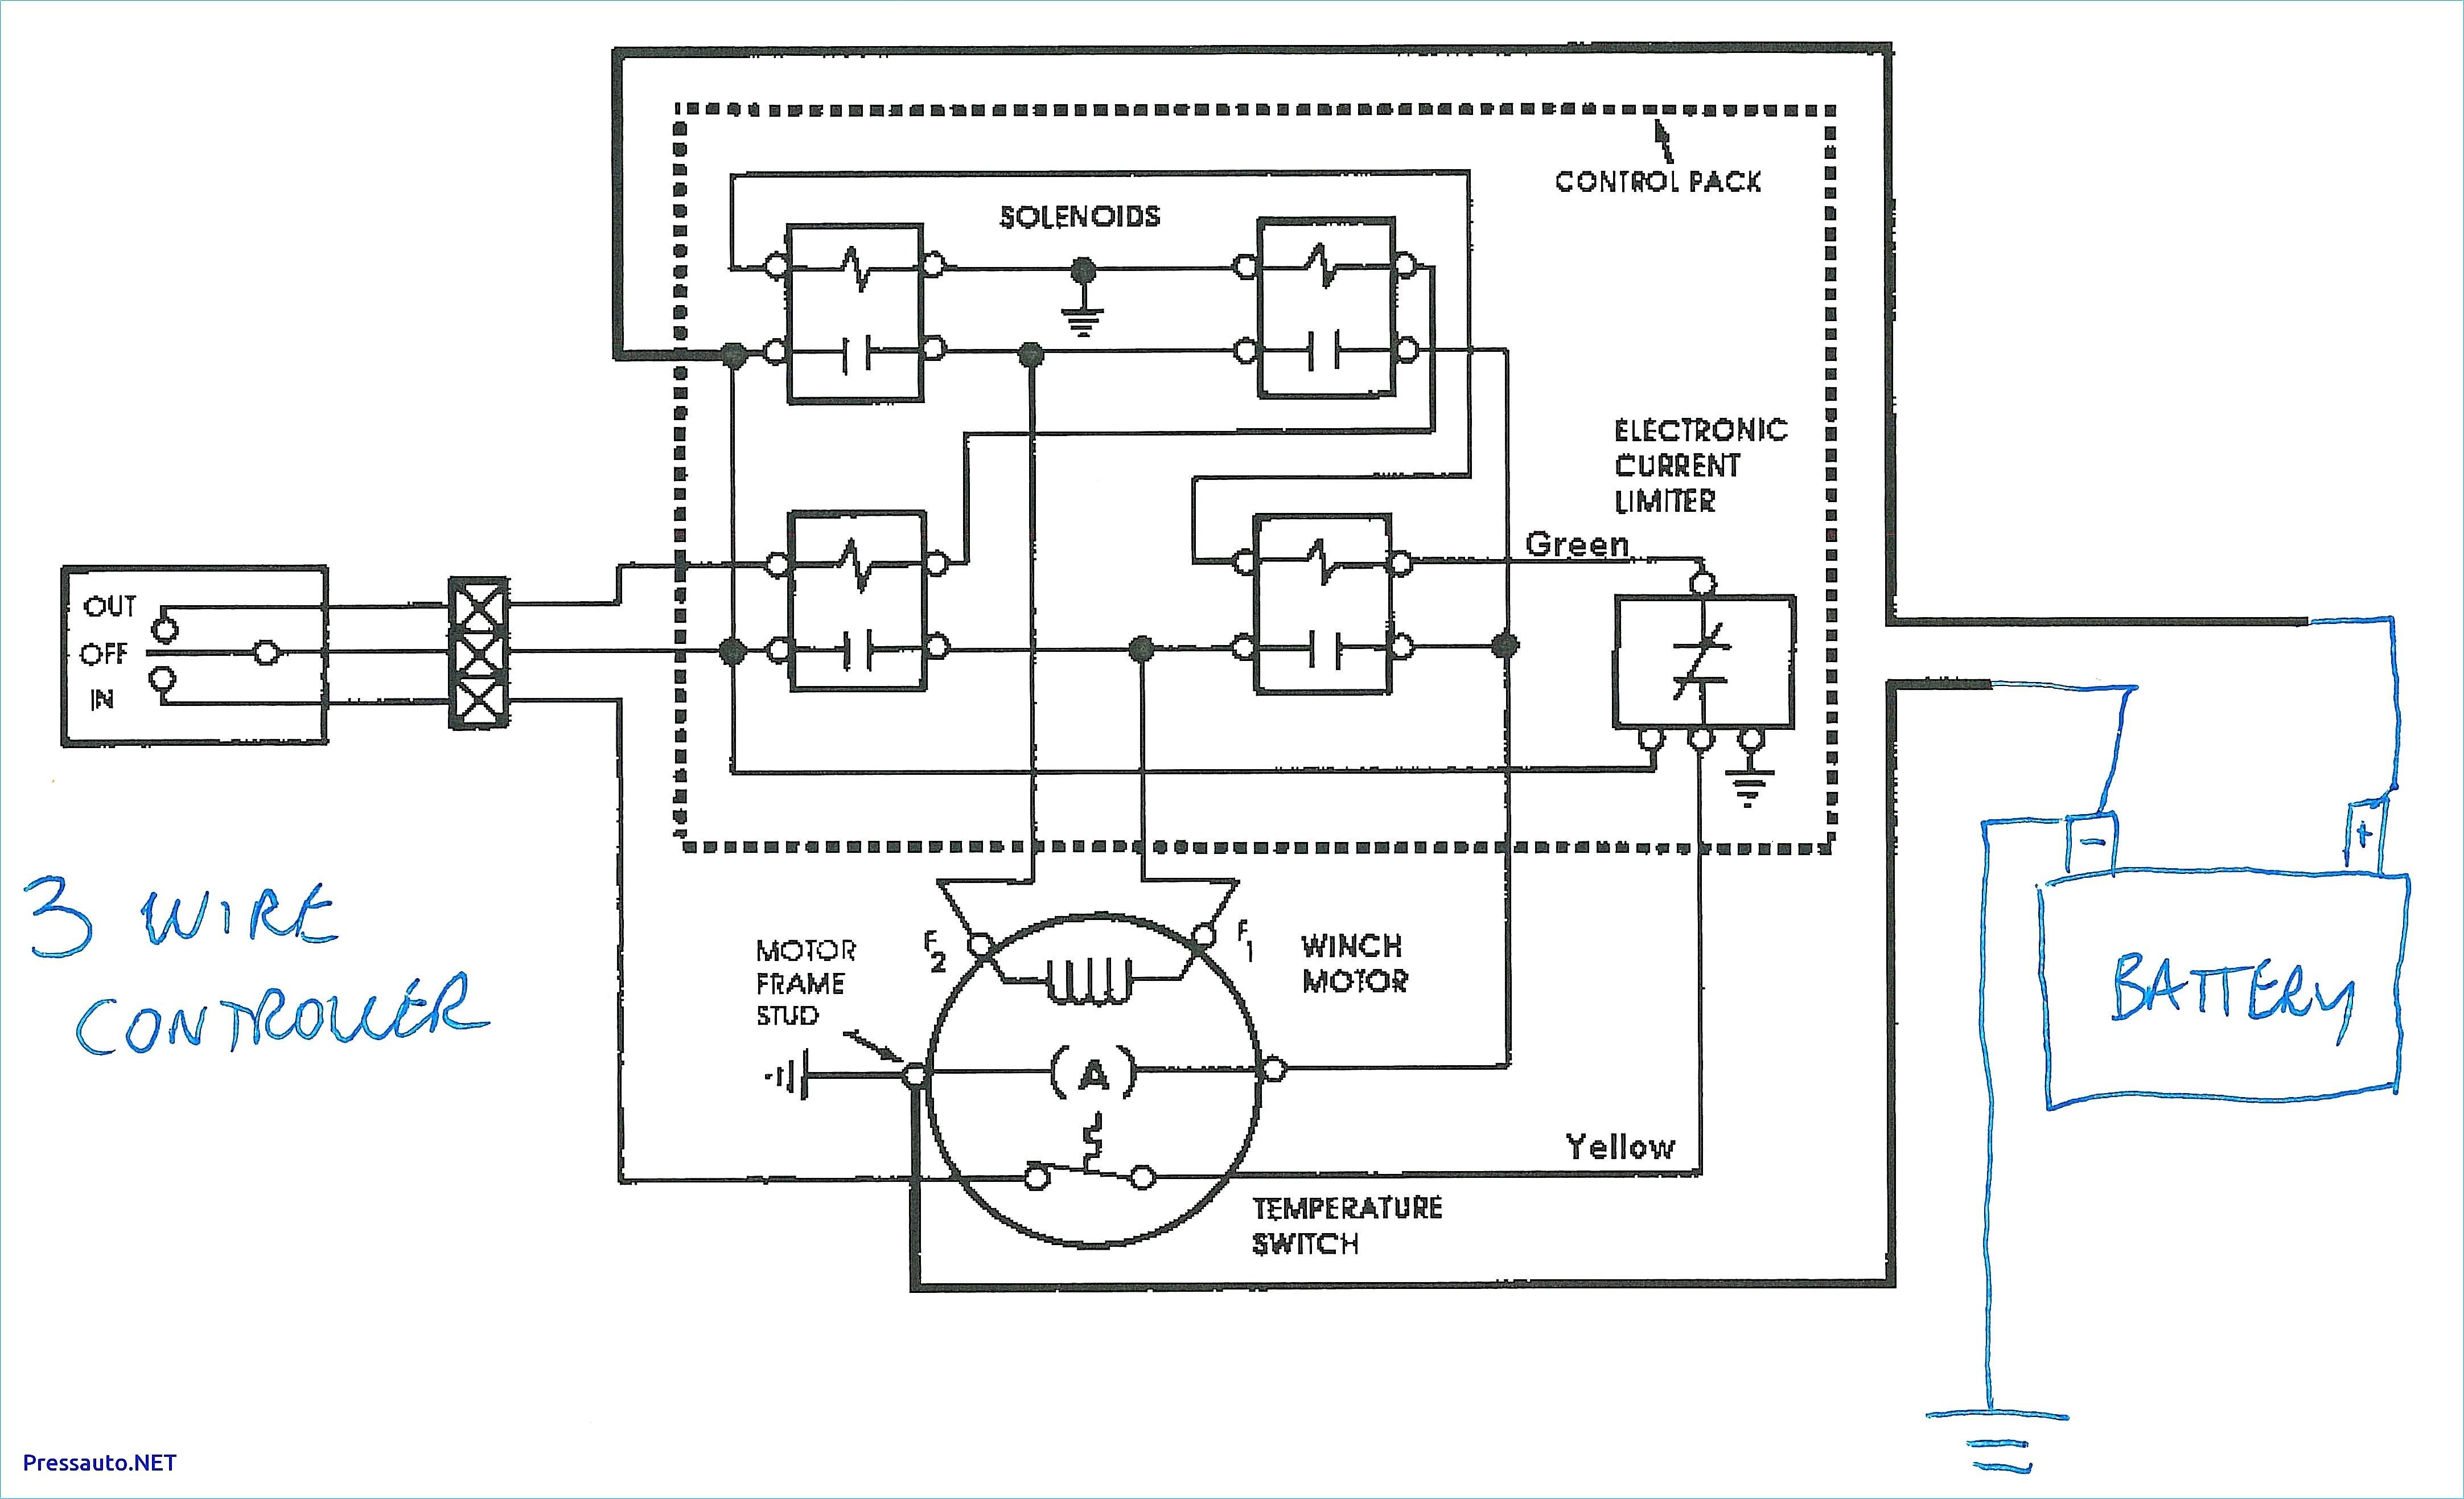 Ramsey Winch Wiring Diagram Free Download Schematic - Wiring Data - Solenoid Wiring Diagram